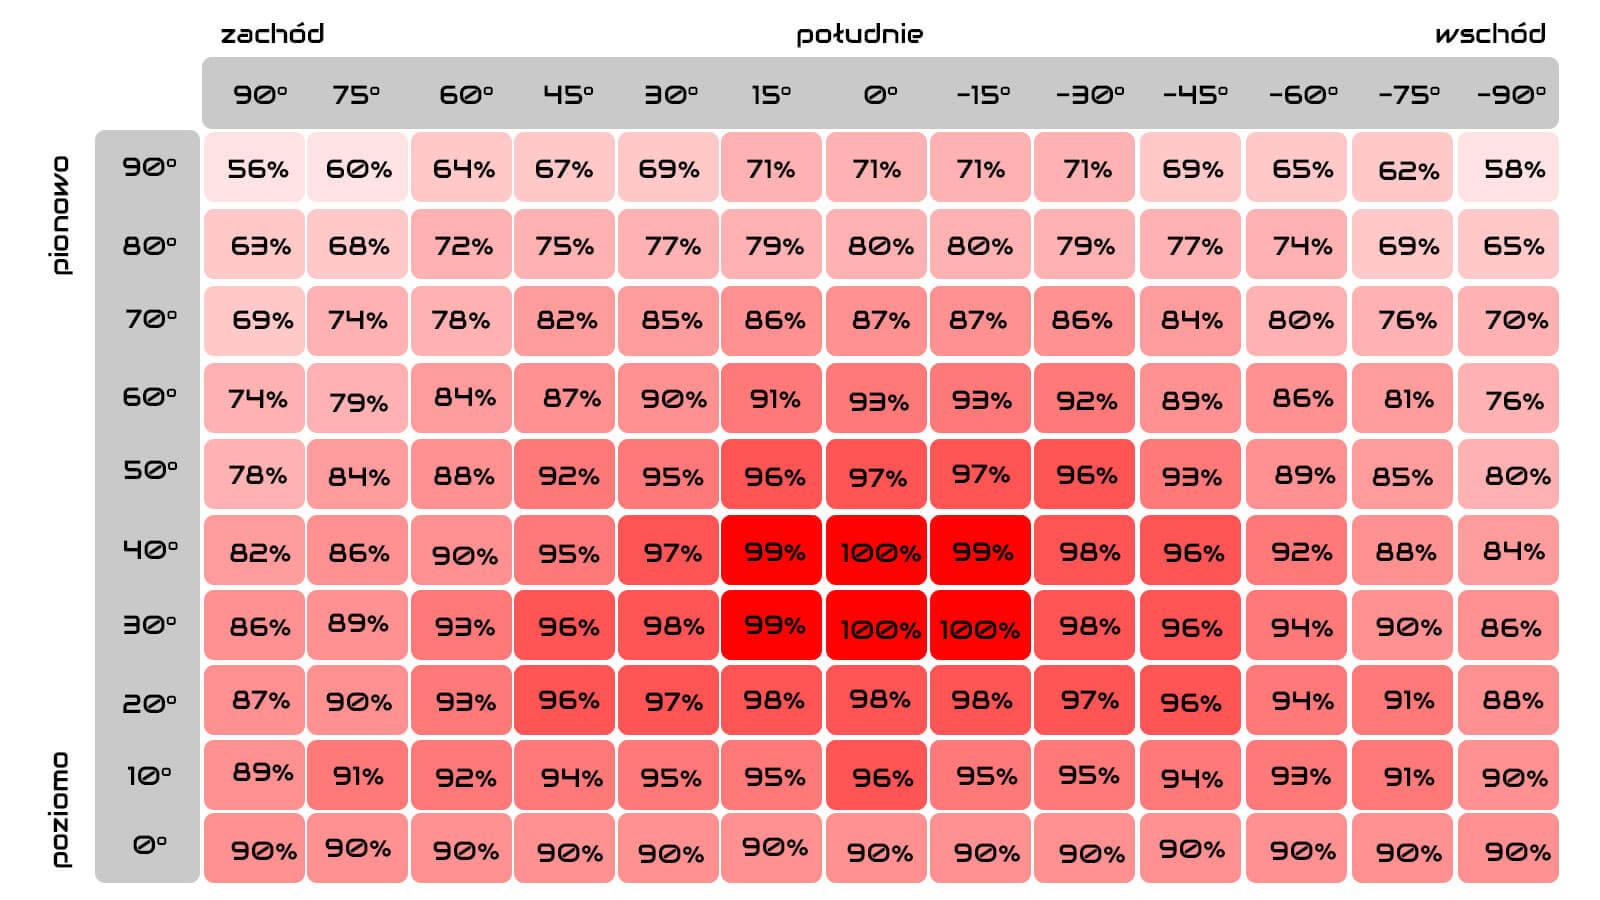 Montaż paneli fotowoltaicznych, a straty energii - tabela